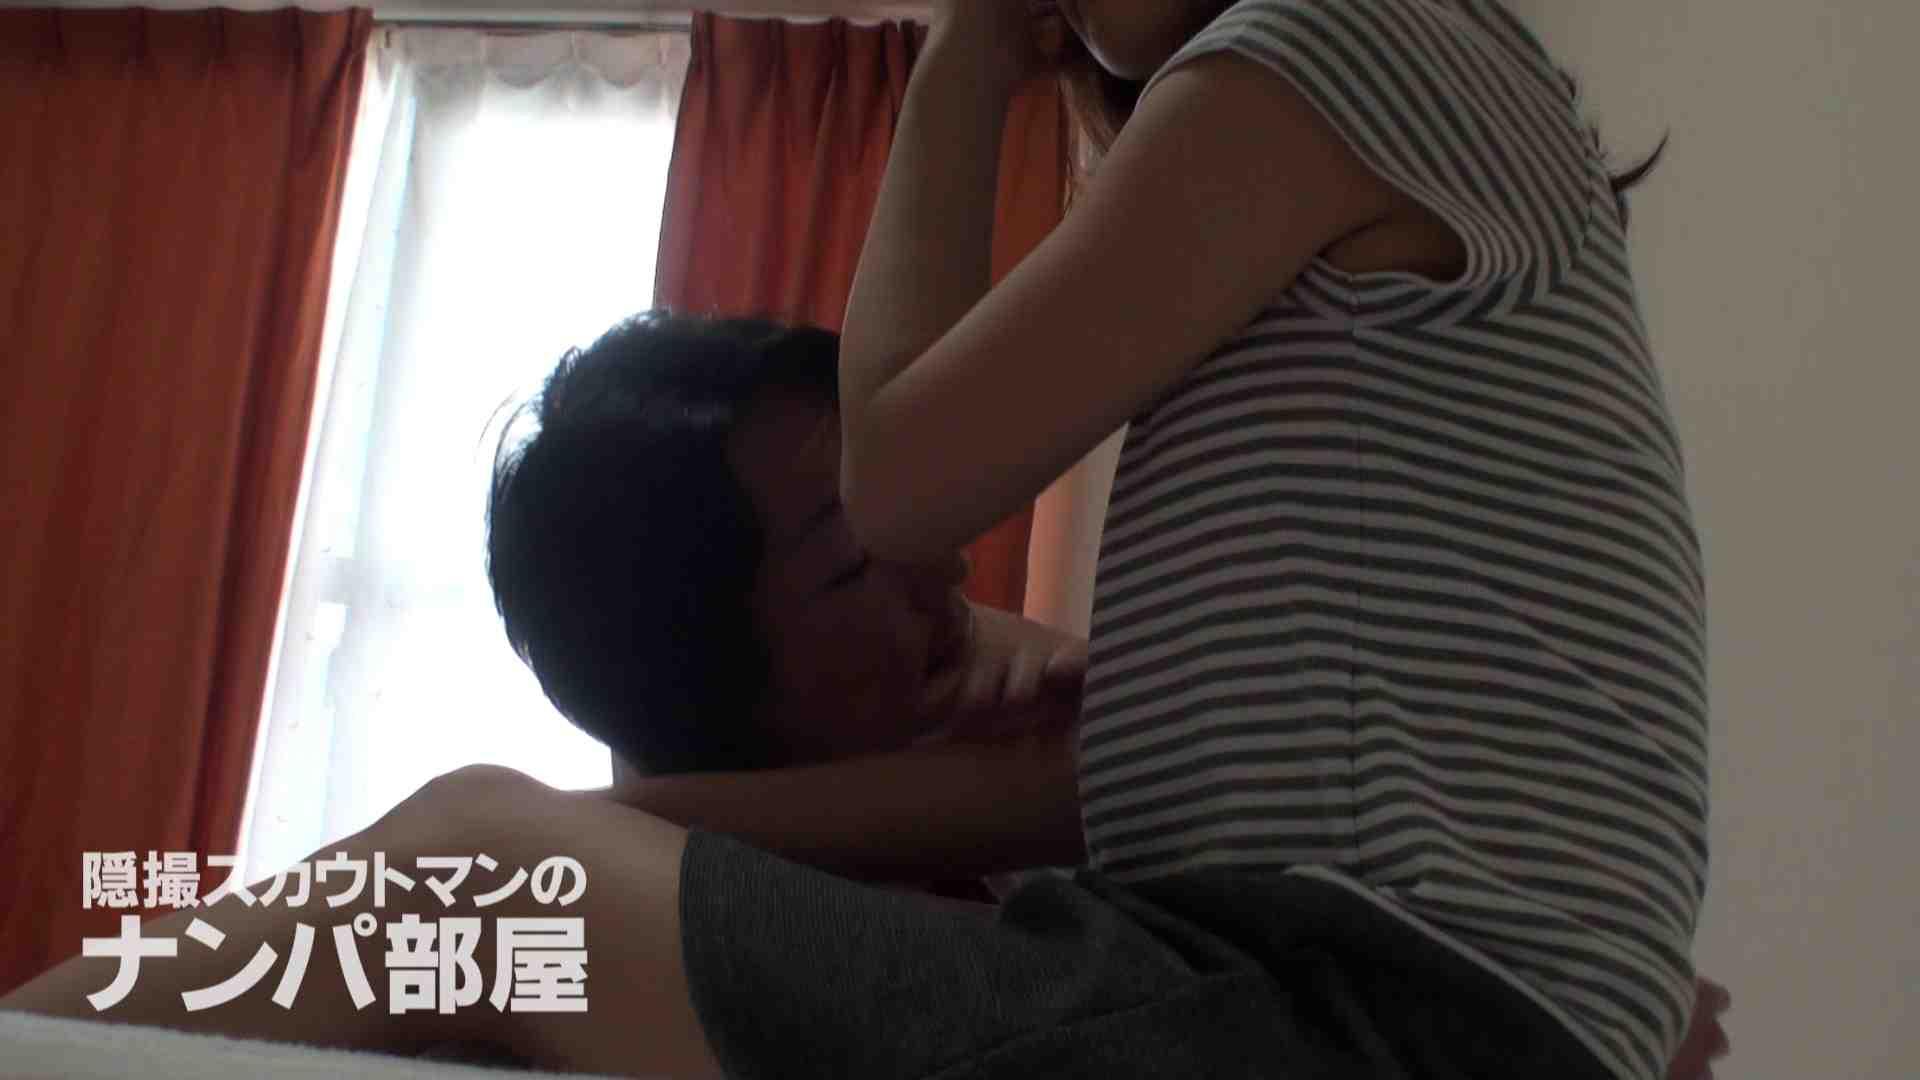 隠撮スカウトマンのナンパ部屋~風俗デビュー前のつまみ食い~ siivol.3 SEX | 隠撮  76pic 37